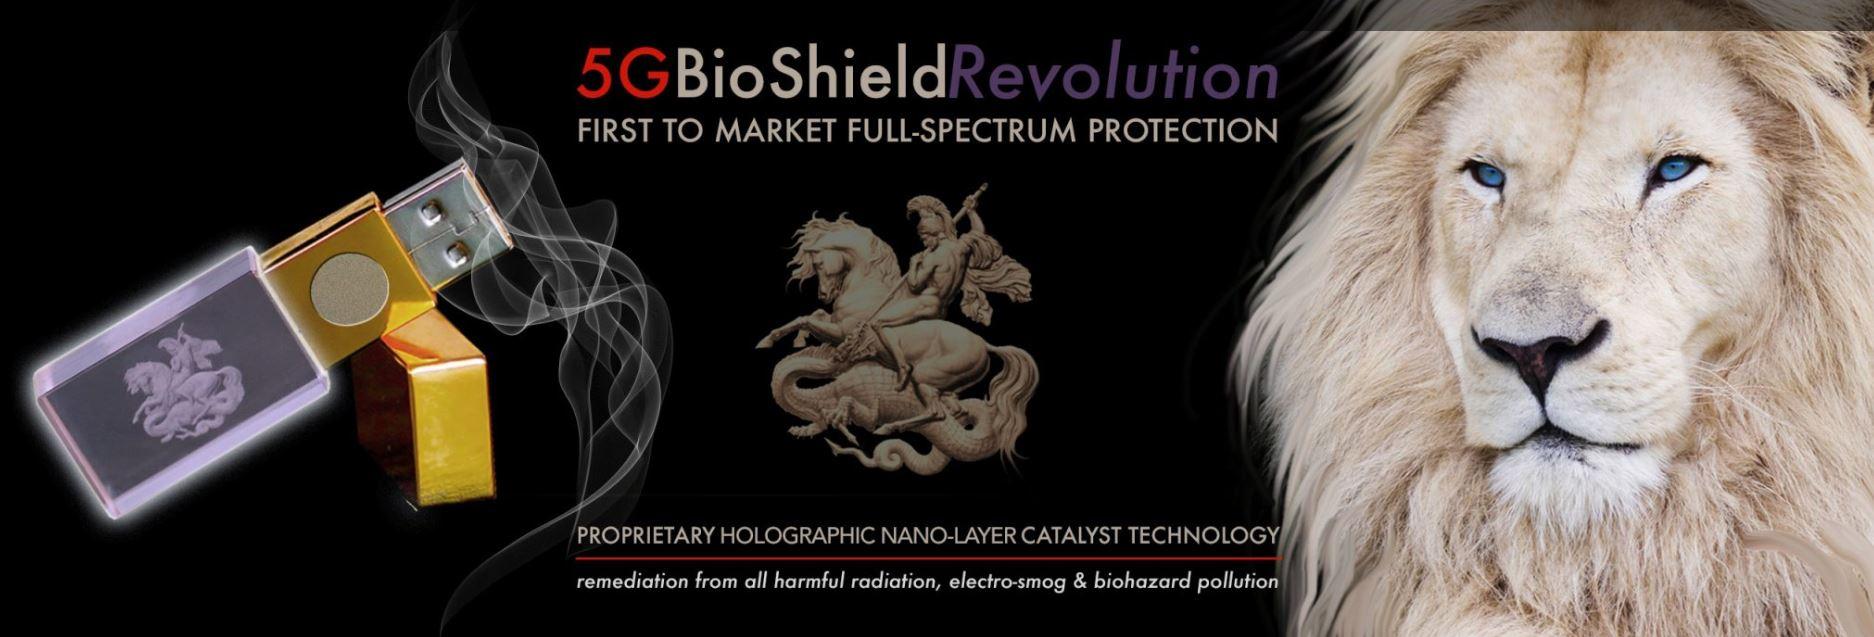 5GBioShield ochrana je v skutočnosti podvod